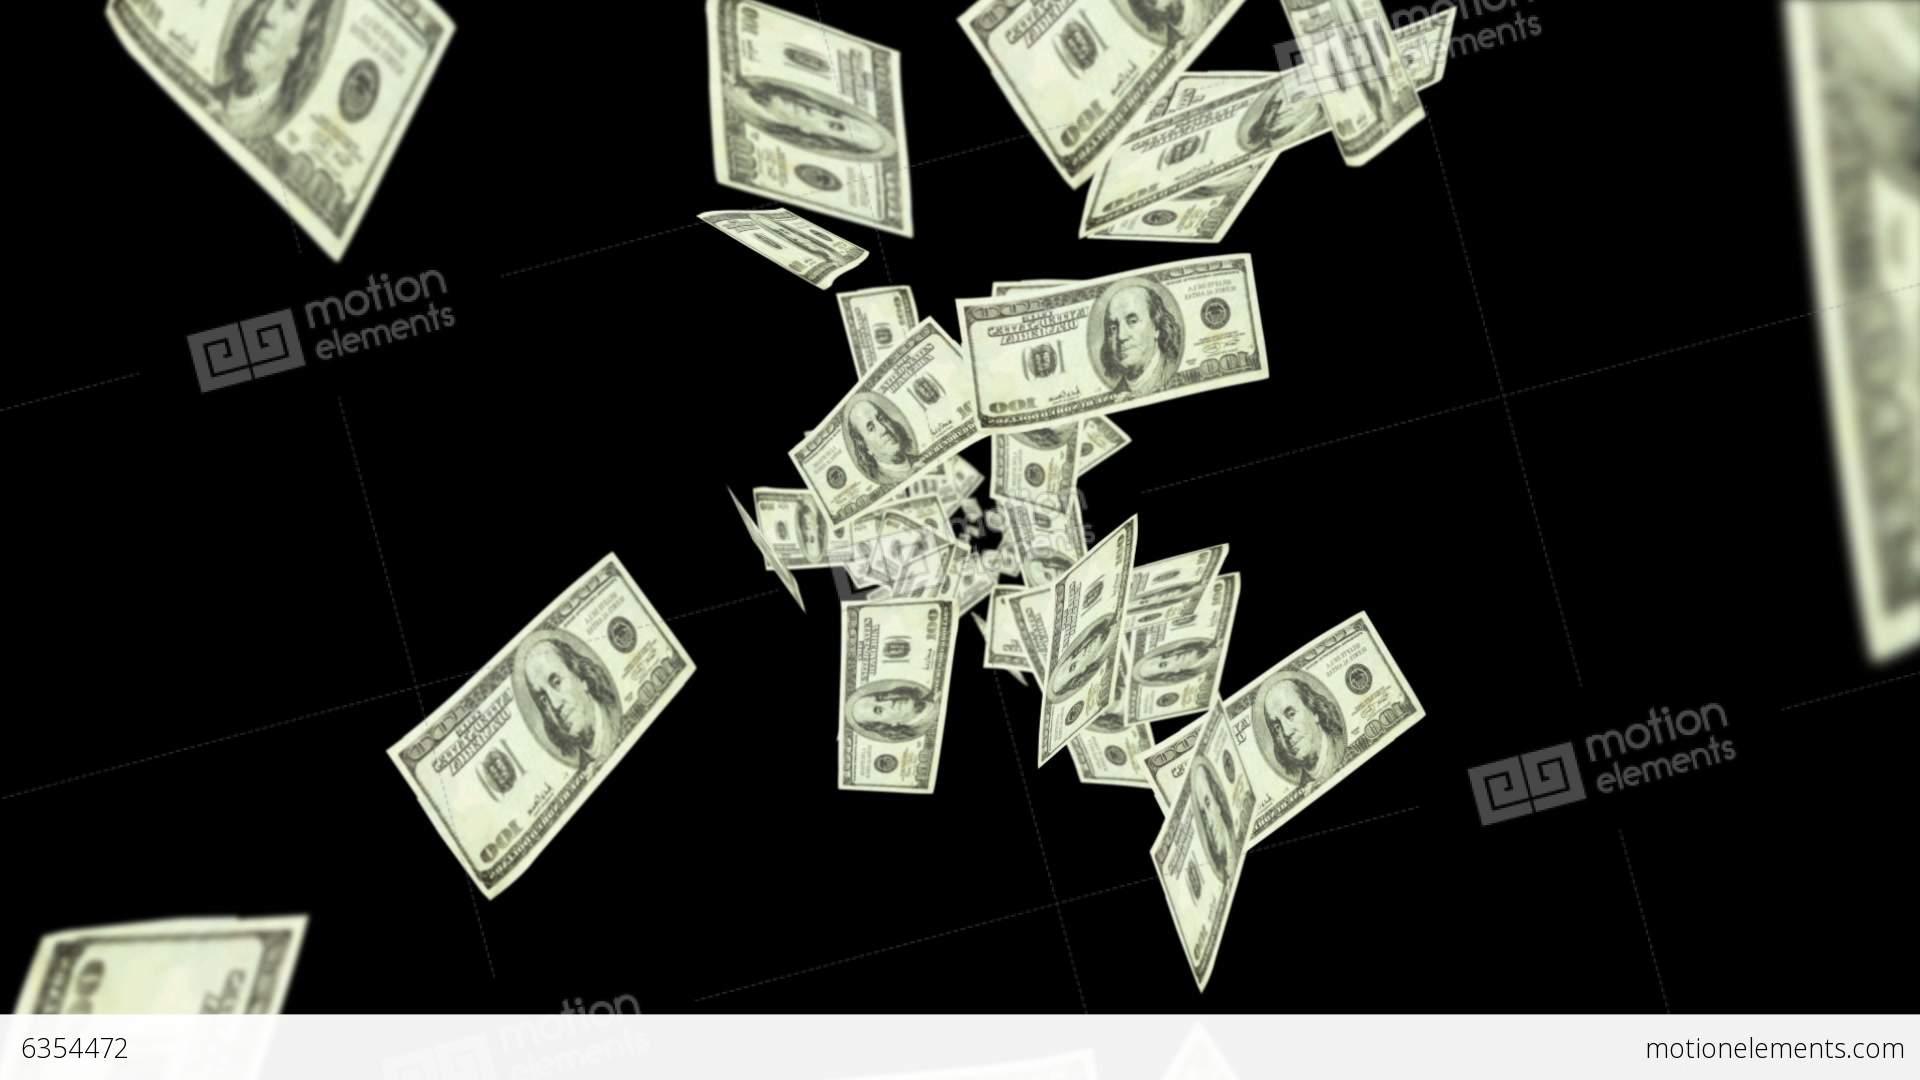 dollar bills falling on - photo #26